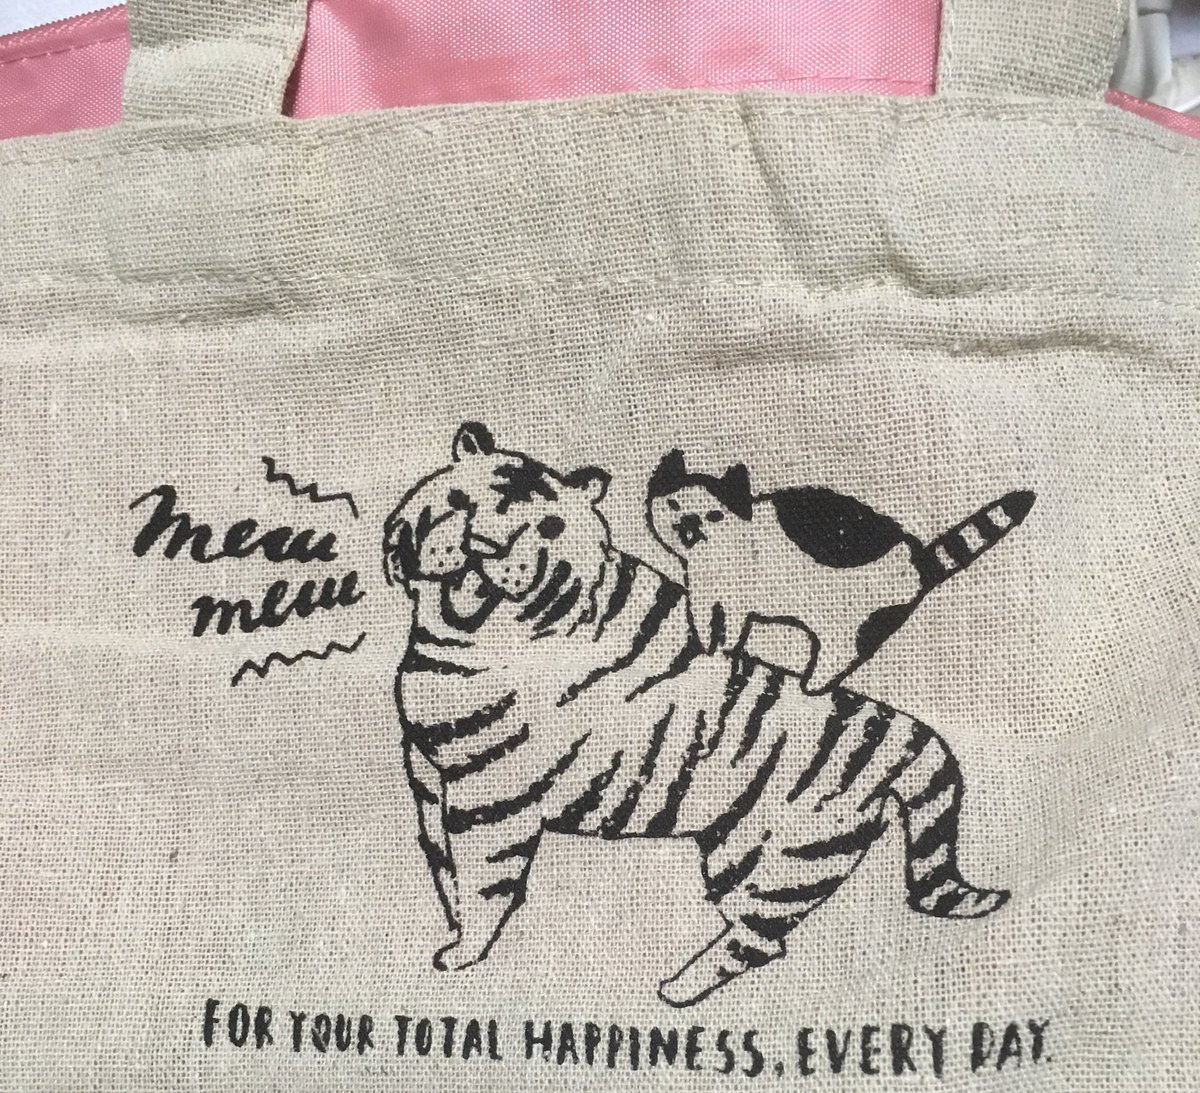 test ツイッターメディア - 虎とにゃんこがあまりにもゆる可愛いかったので思わず買ってしまった #セリア のトートバッグ。 #100均 https://t.co/ayptrQxqqx